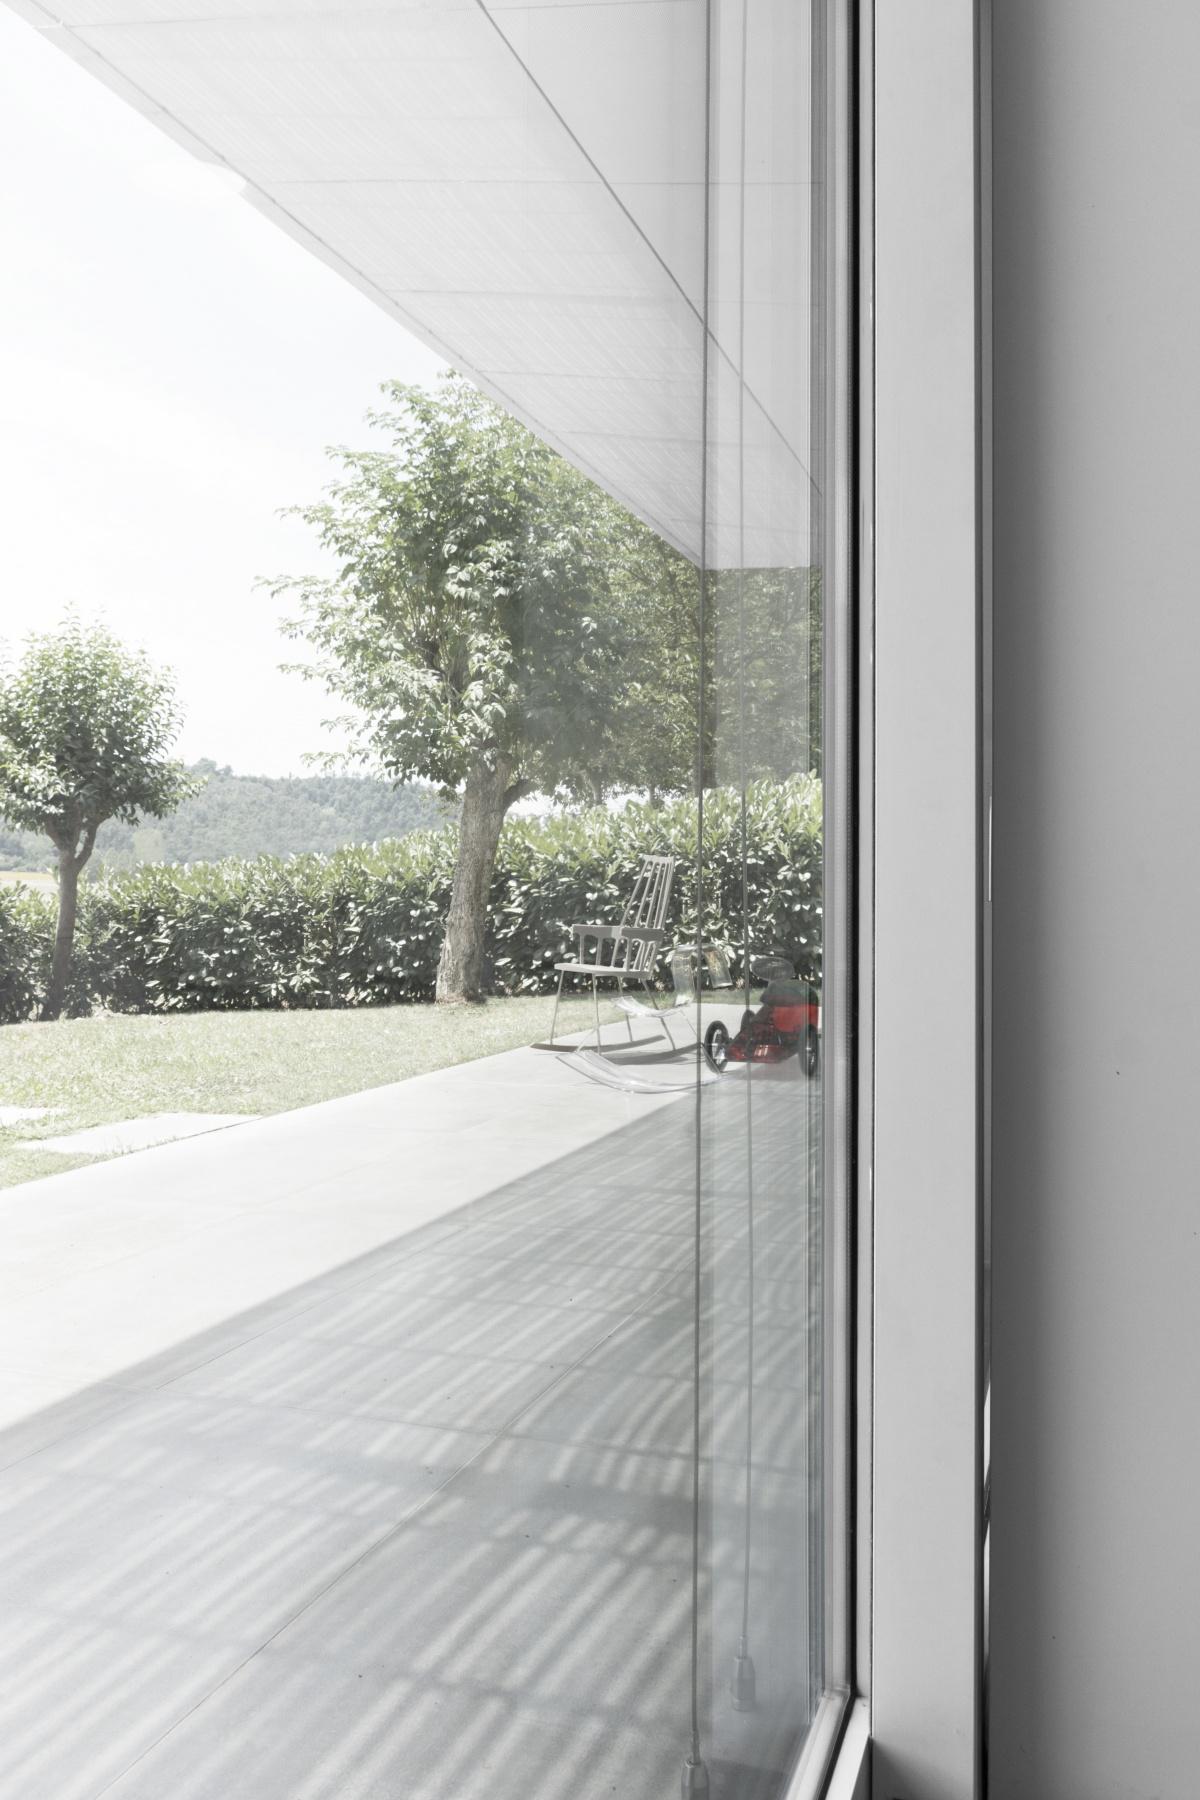 foto del giardino dall'interno